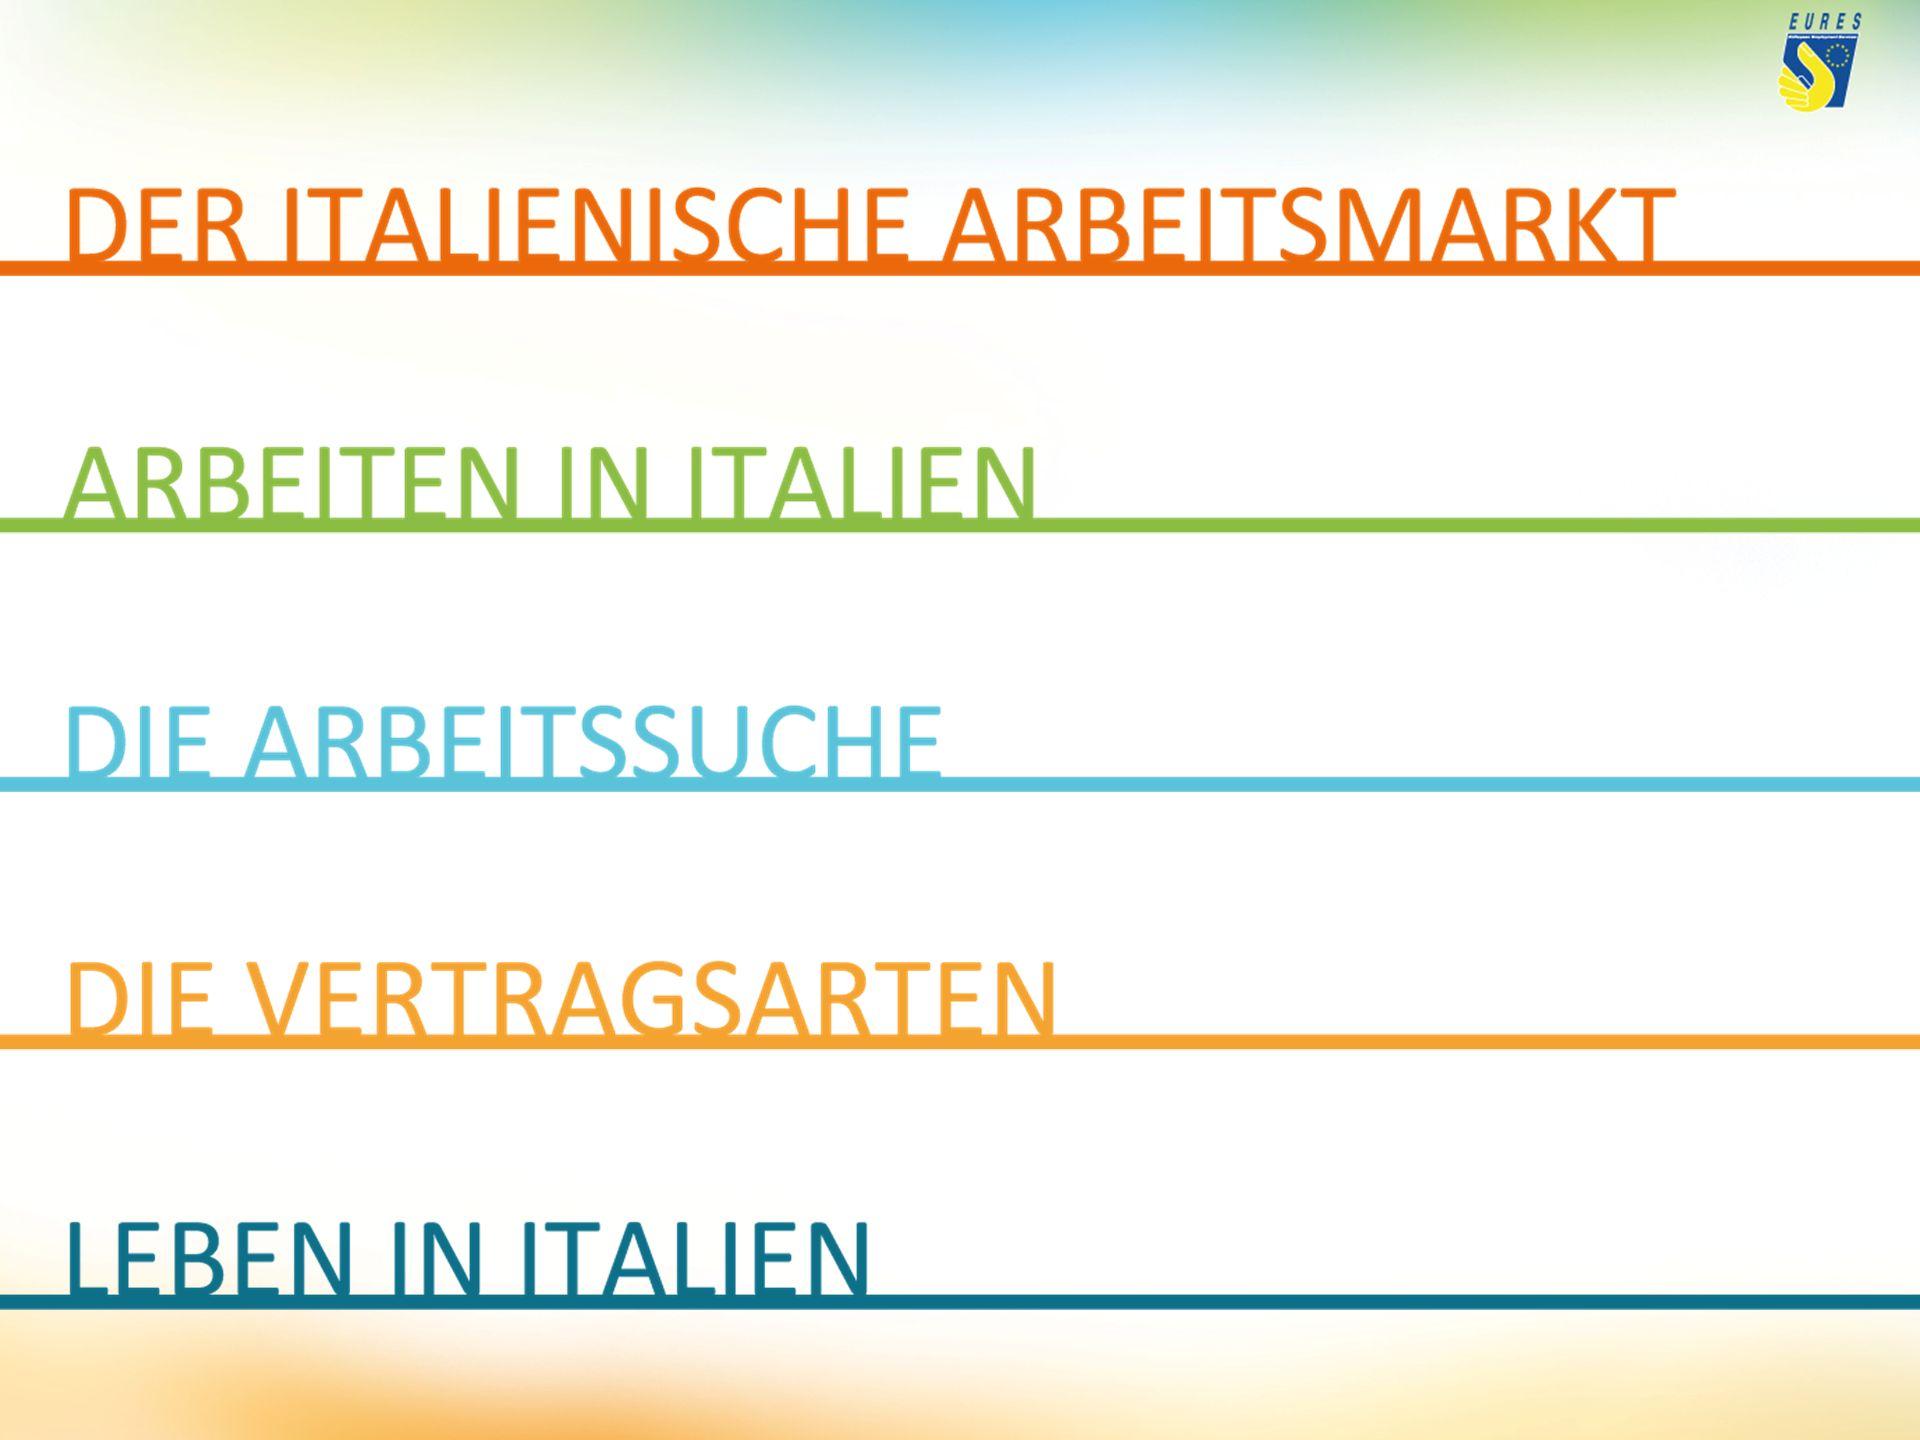 EINE UNTERKUNFT FINDEN EURO/MONAT Wohnung 80 m 2 720 2.000 1.750 1.190 1.320 834 860 1.065 712 Quelle: www.sunia.it